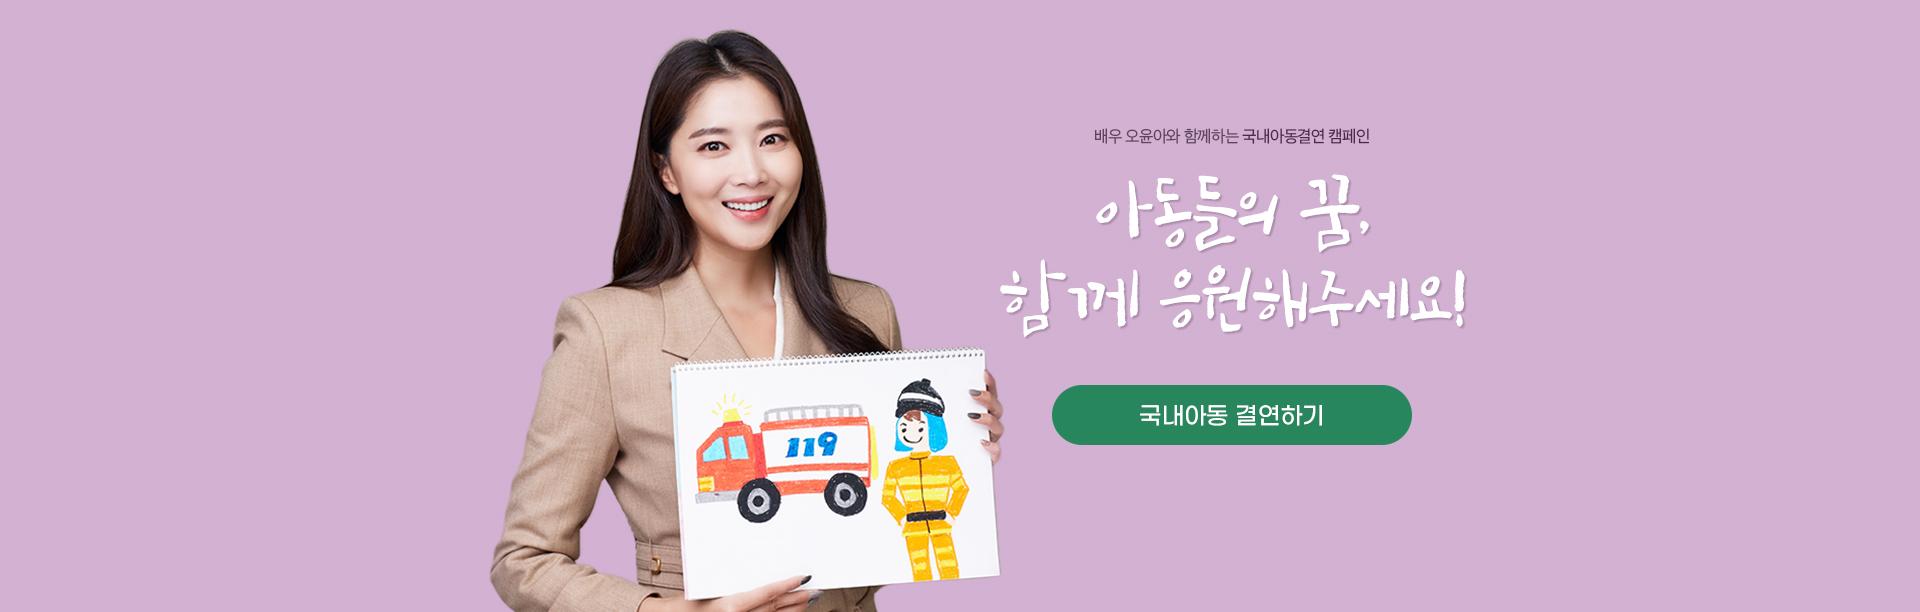 배우 오윤아와 함께하는 국내아동결연 캠페인 아동들의 꿈 함께 응원해주세요.